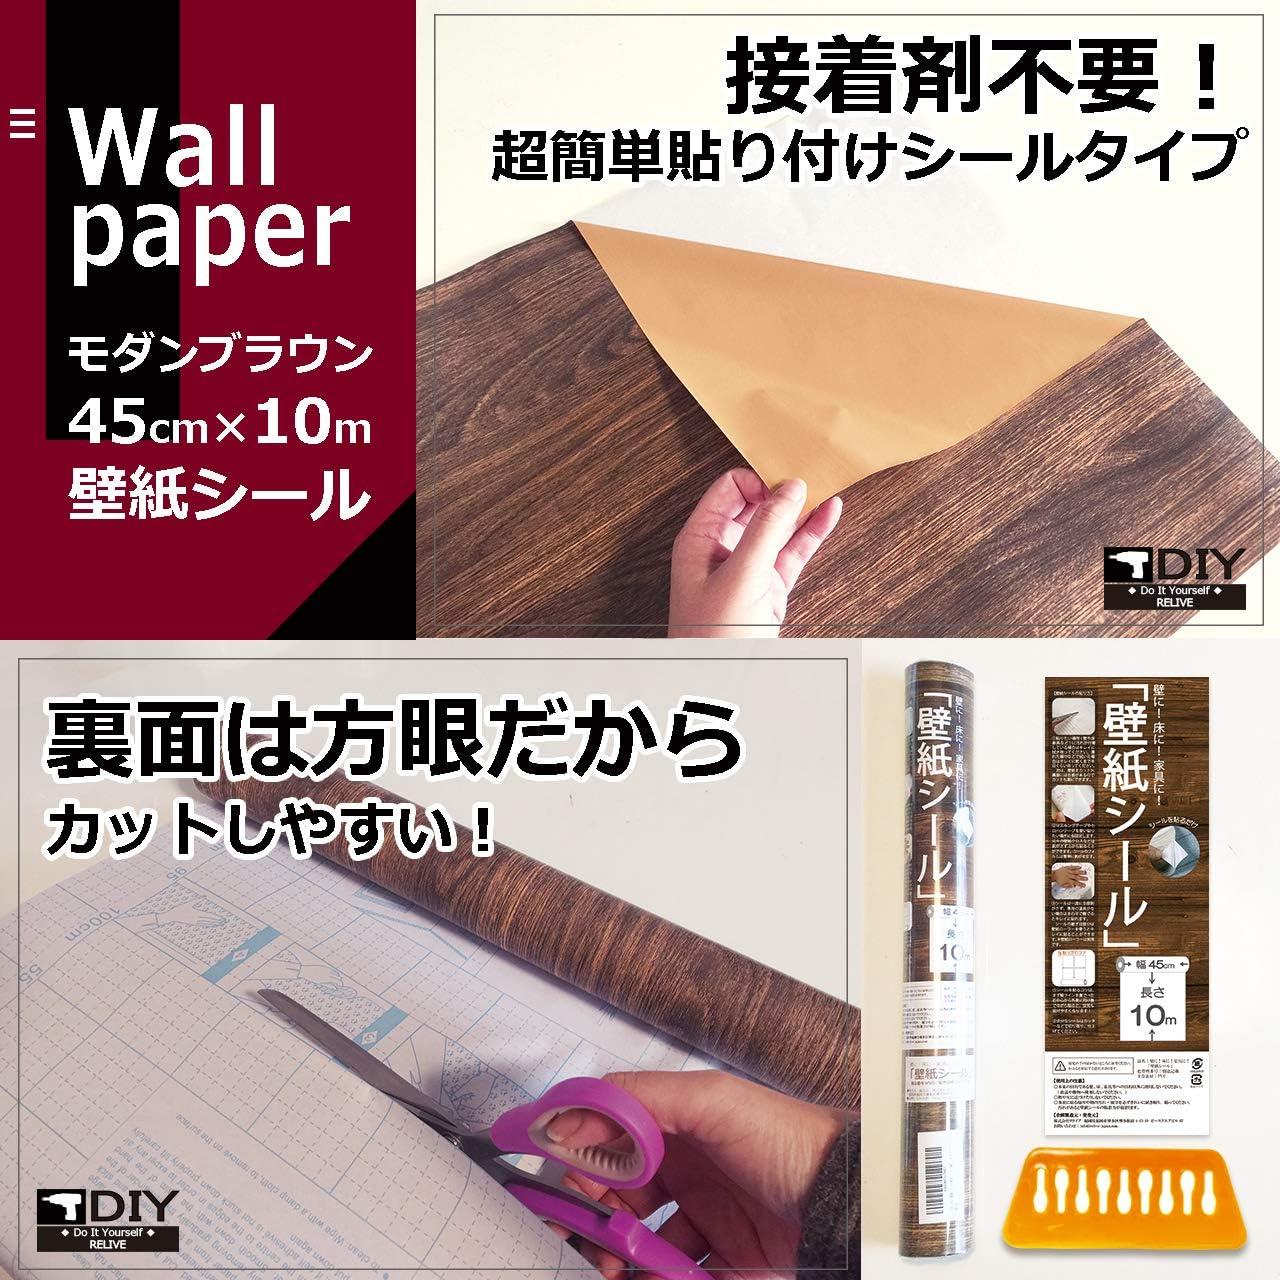 Amazon Relive 壁紙シール 簡単 模様替え おしゃれ 木目 Diy 45cm 10m モダンブラウン 壁紙